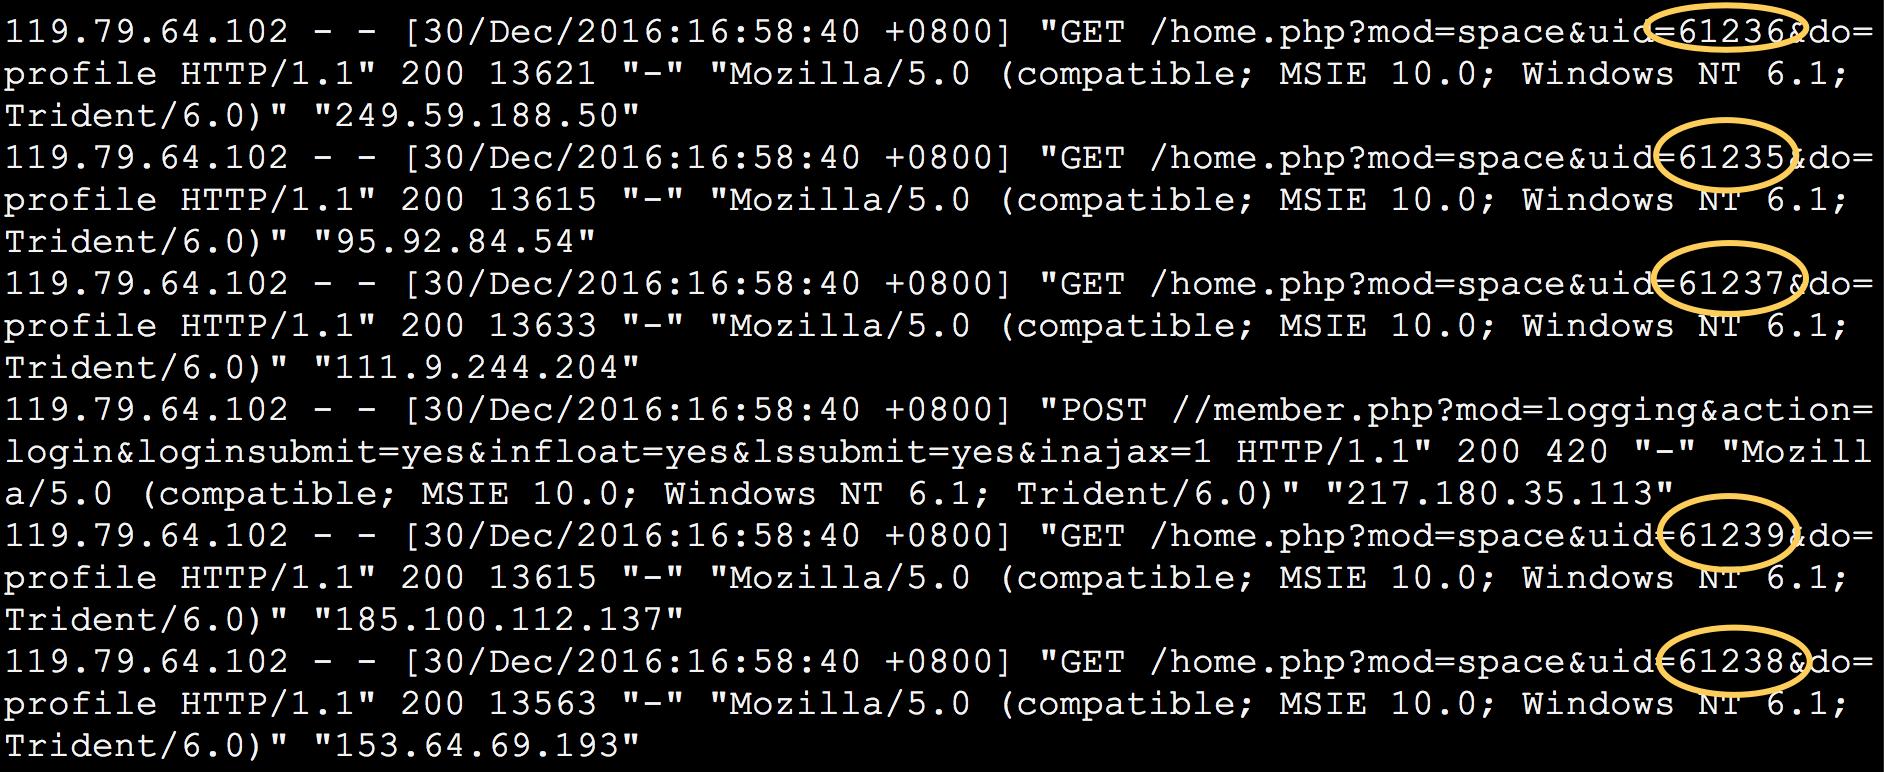 部署在腾讯云的公益网站遭受了一次 CC 攻击